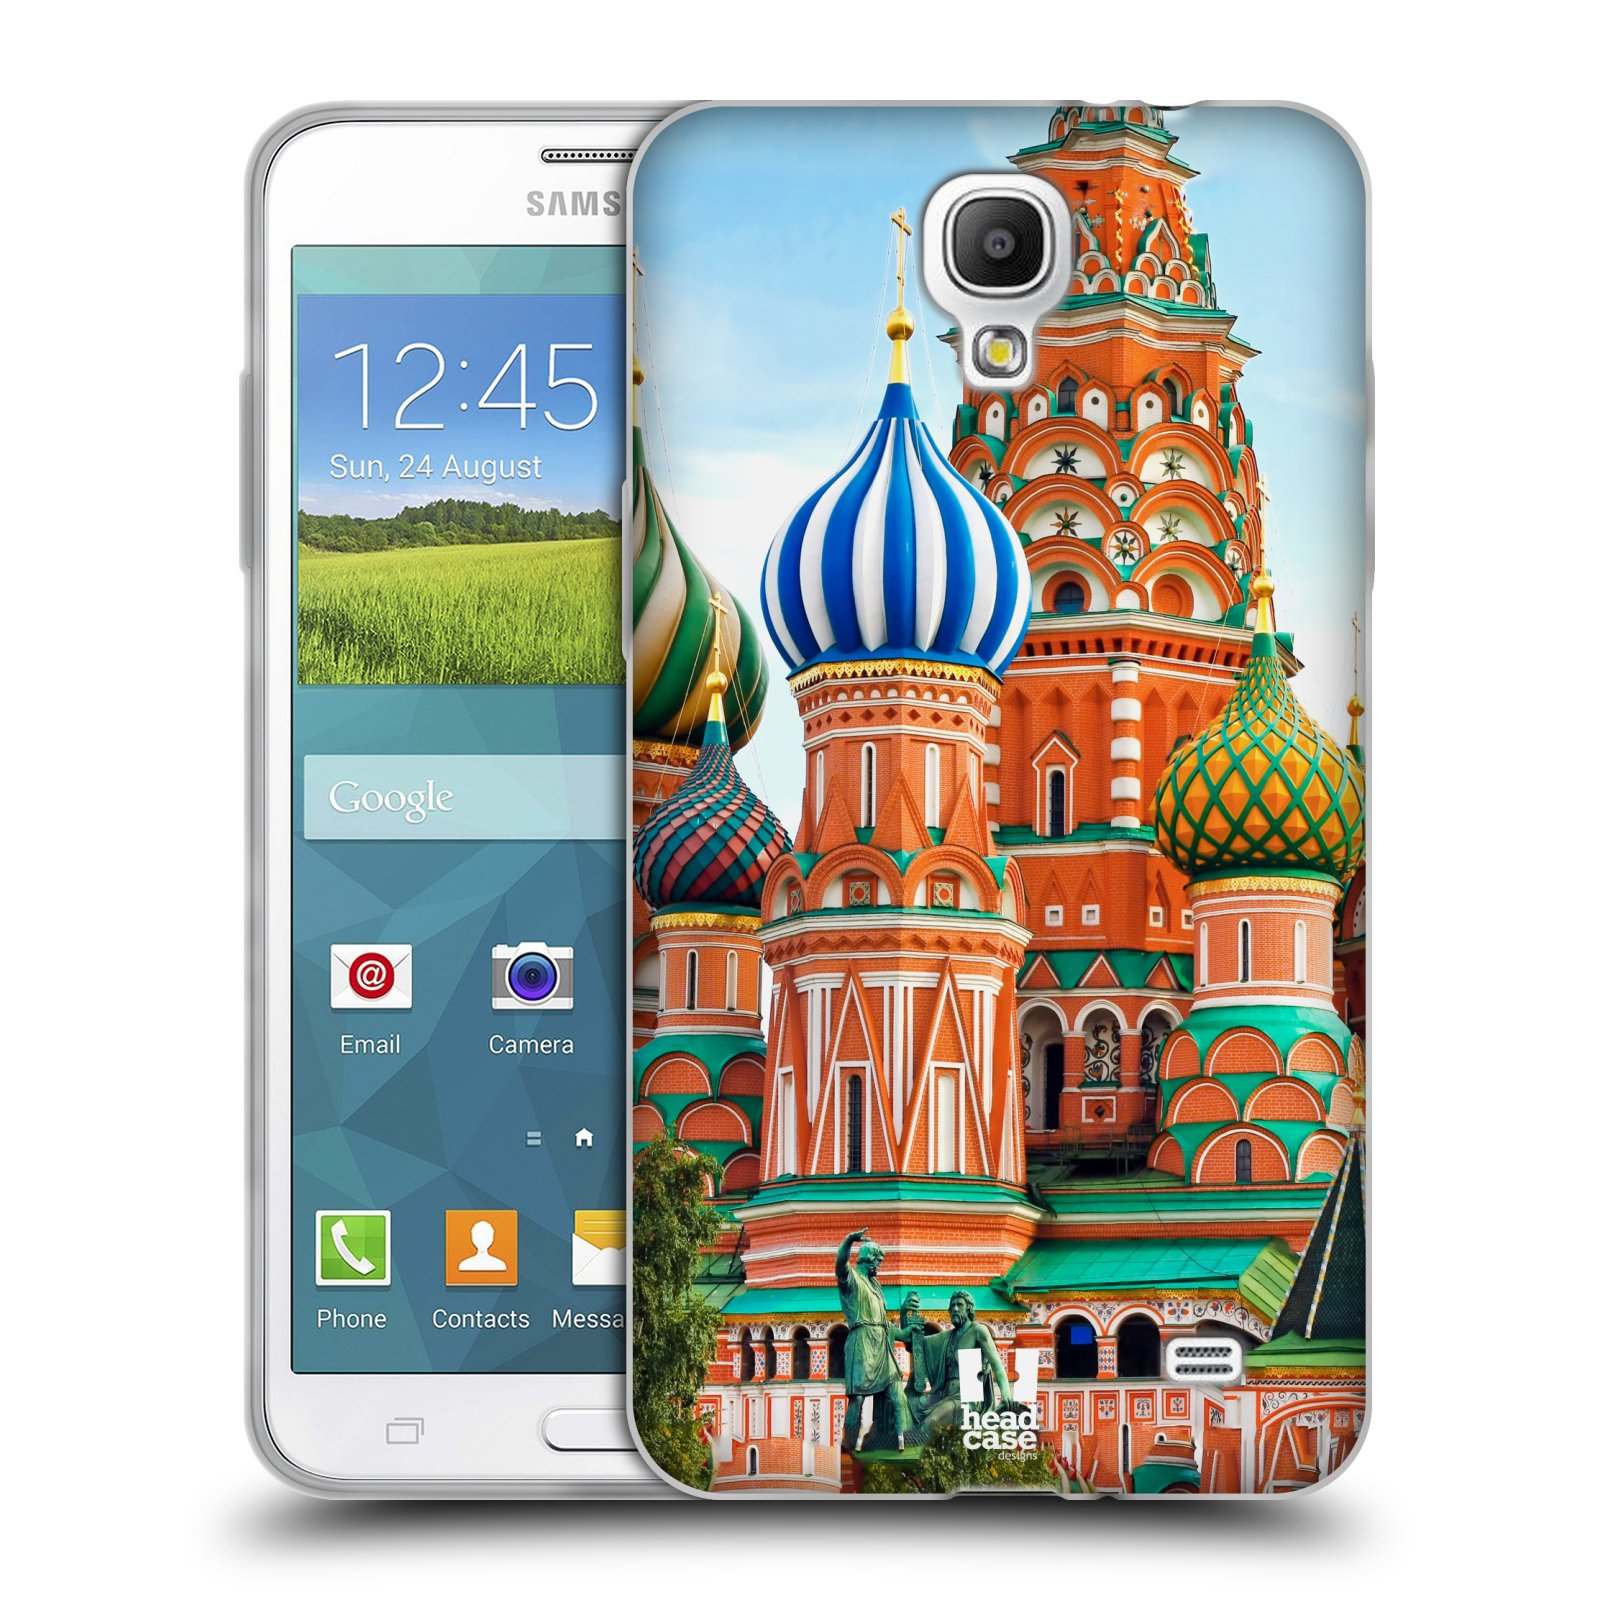 HEAD CASE silikonový obal na mobil Samsung Galaxy Mega 2 vzor Města foto náměstí RUSKO,MOSKVA, RUDÉ NÁMĚSTÍ